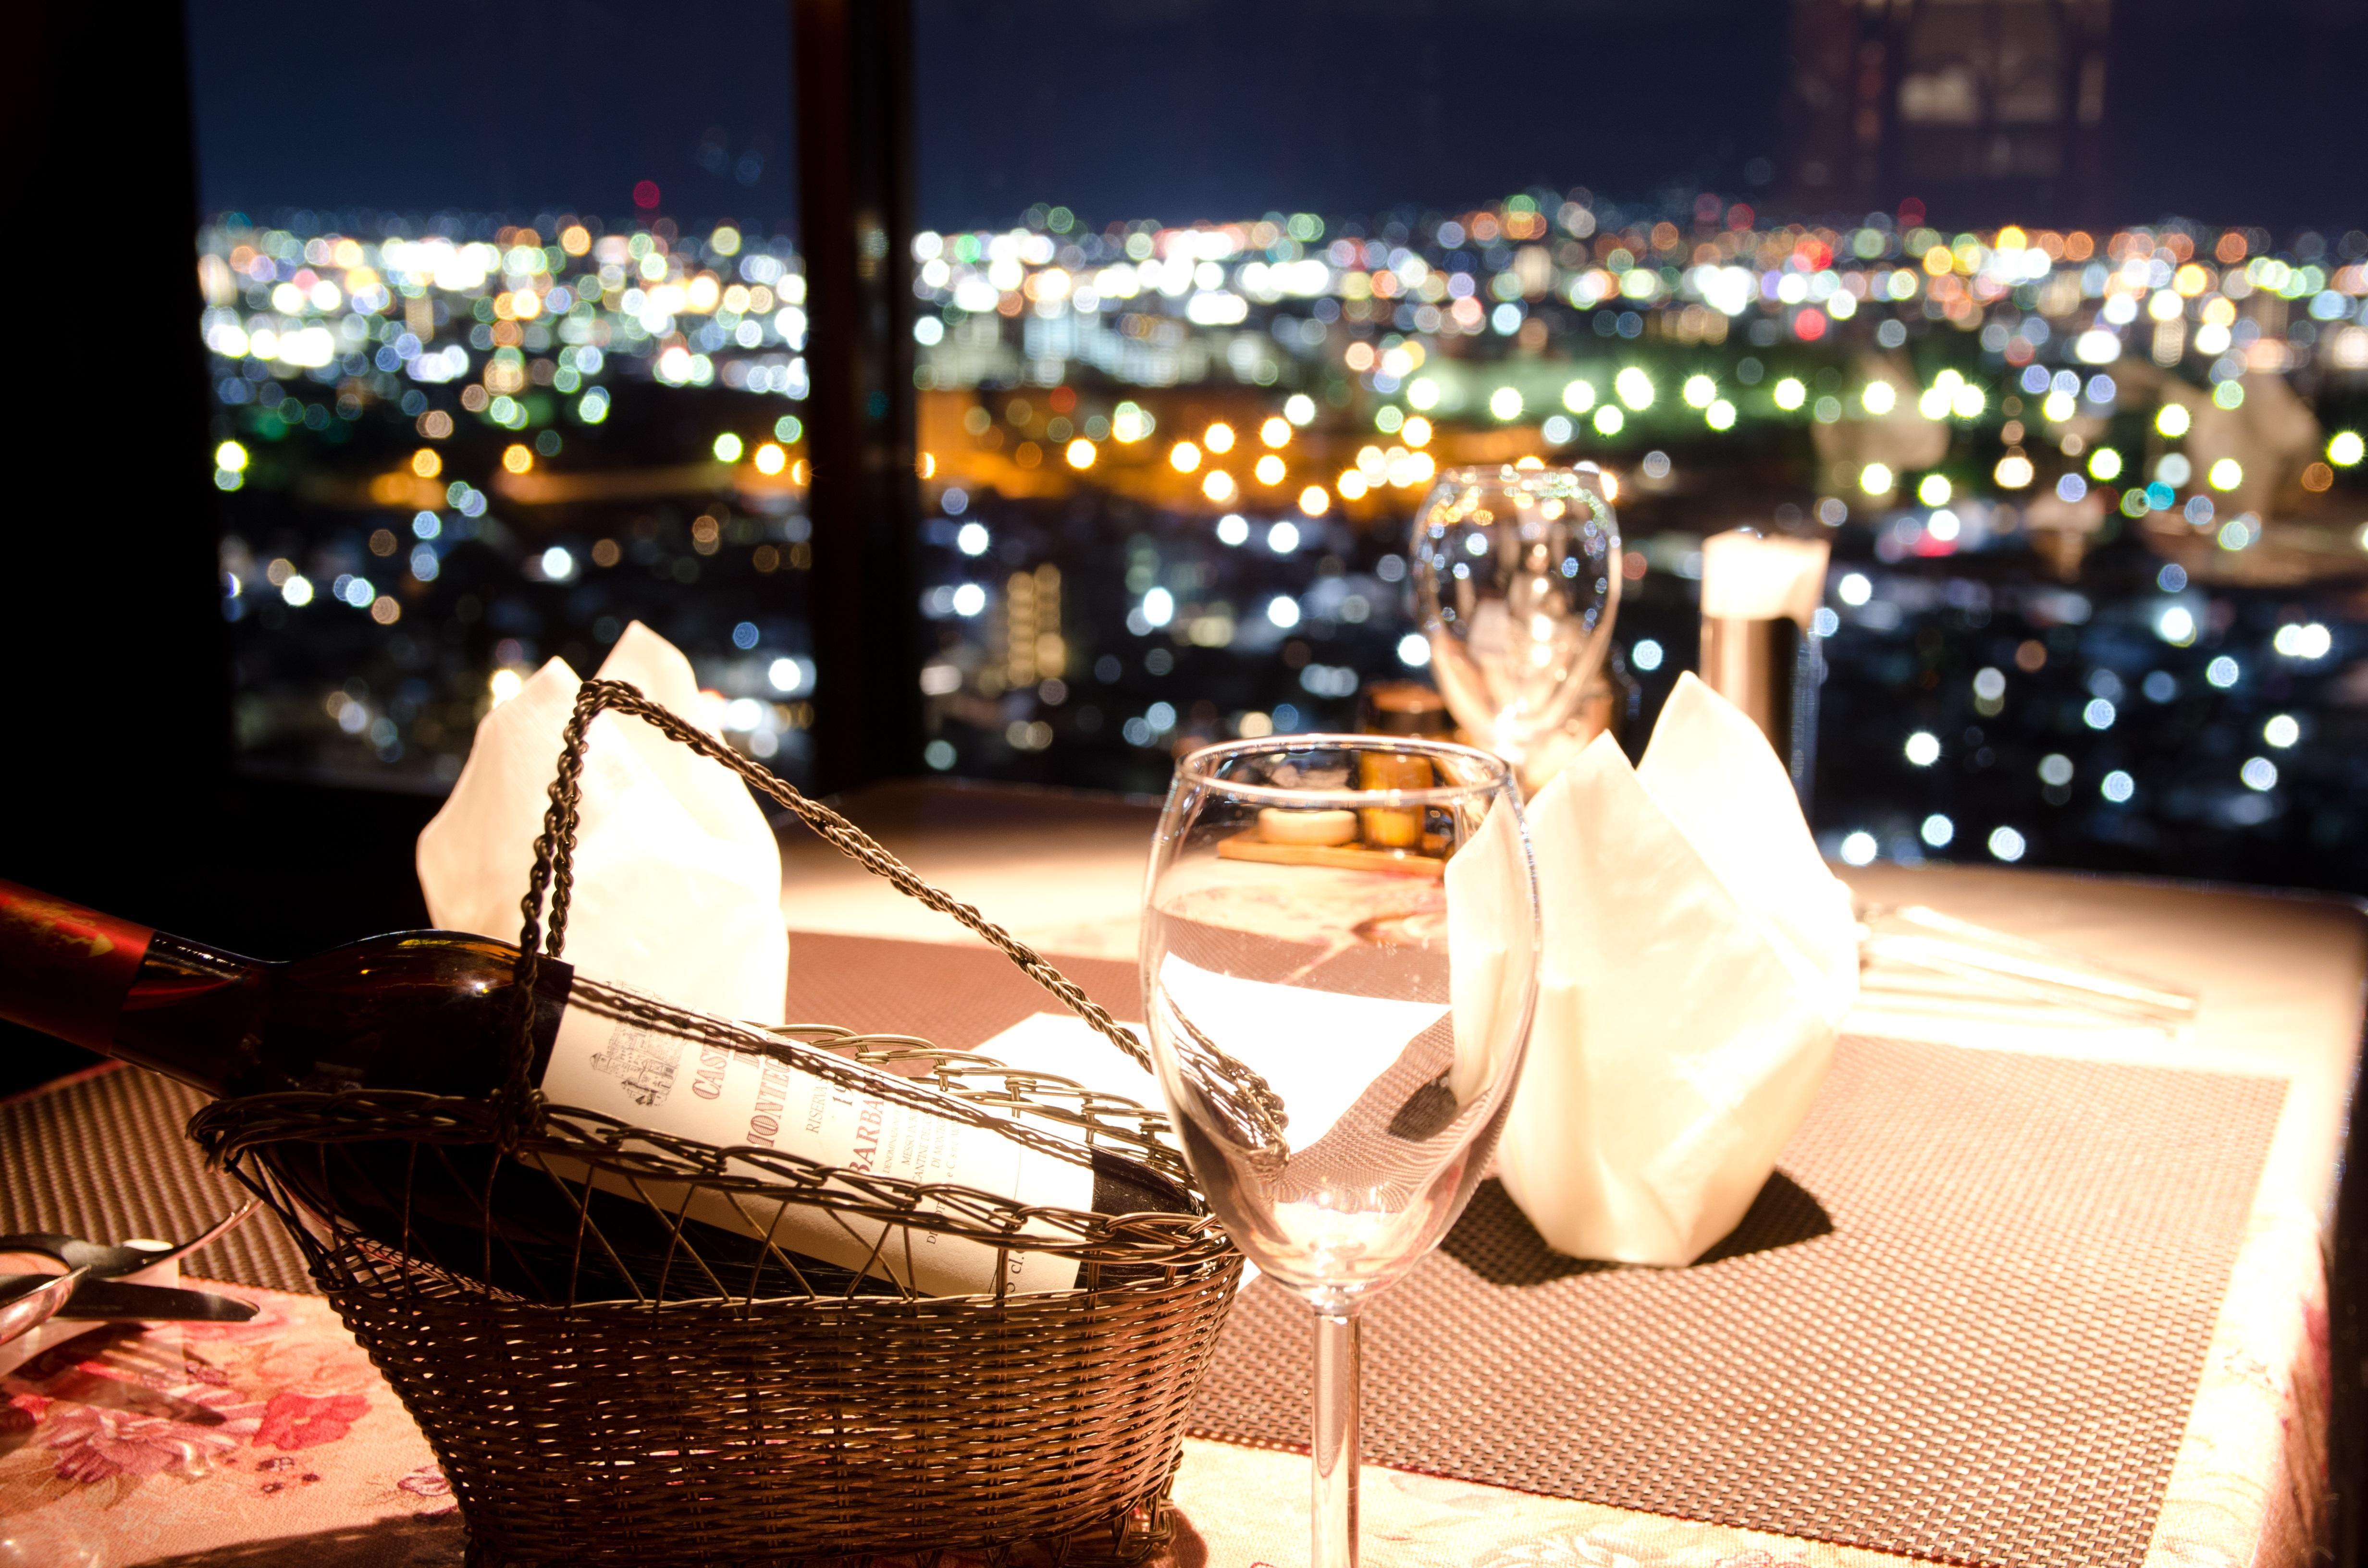 今 夜 は 夜 景 と 食 事 し よ う 。